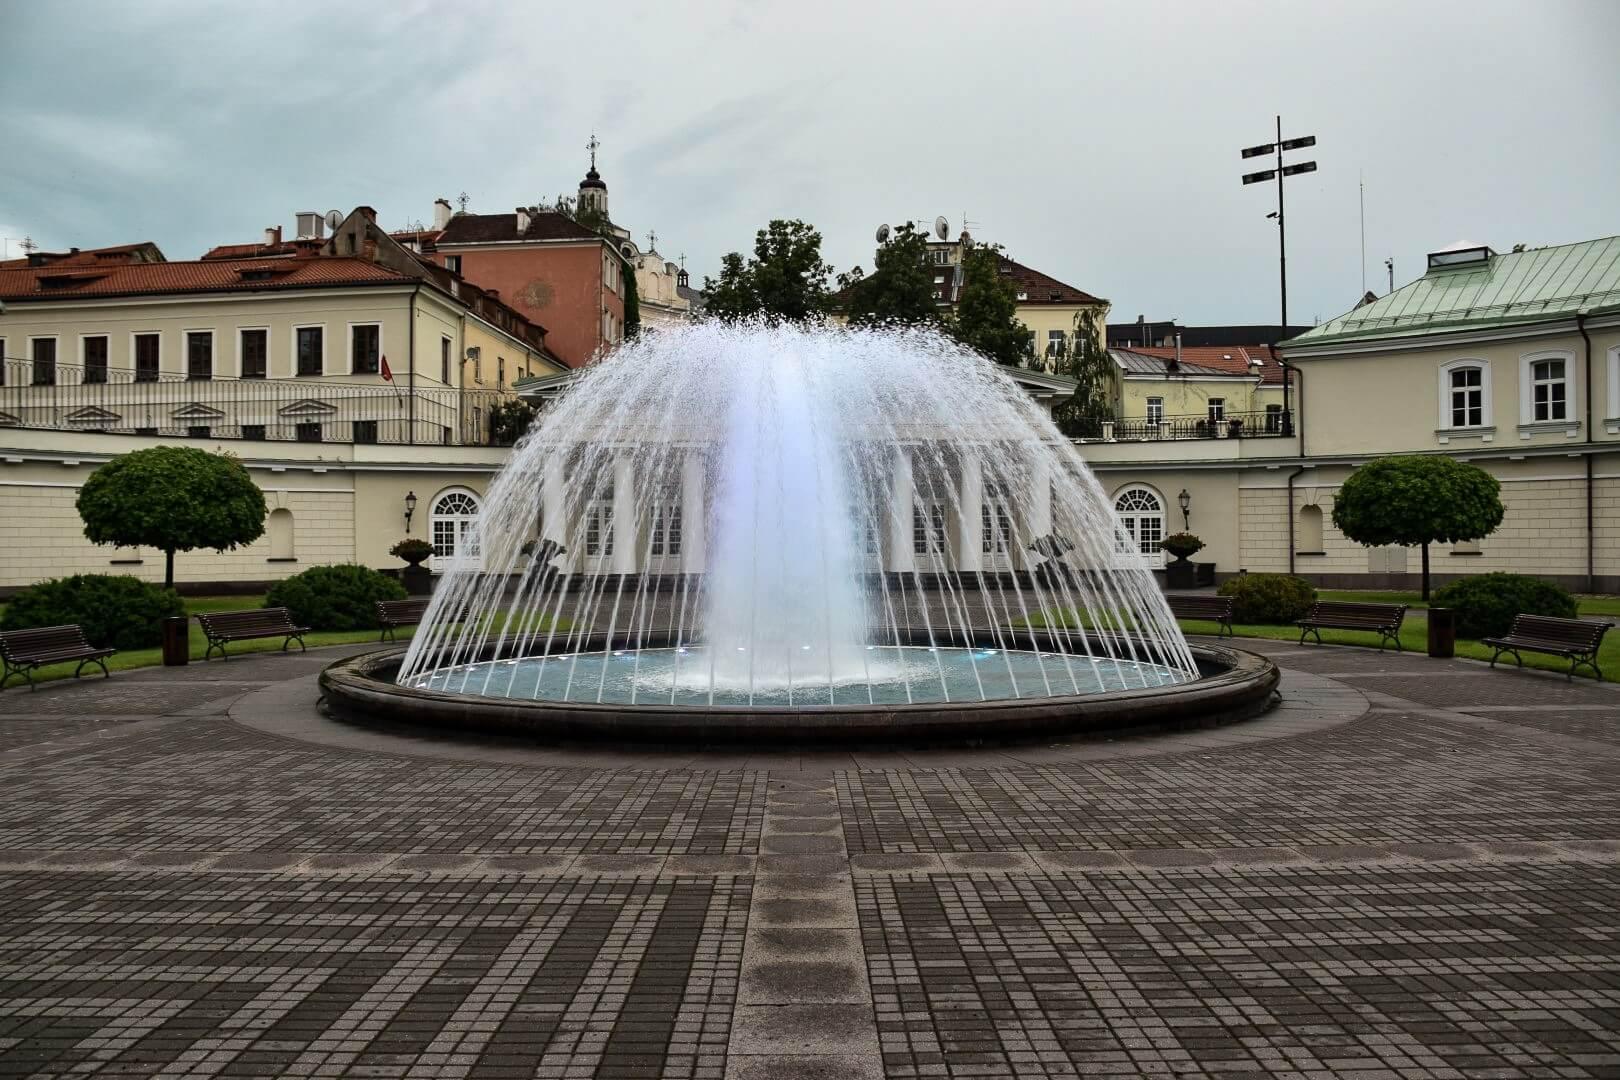 Fontanna na Dziedzińcu Pałacu Prezydenckiego w Wilnie.